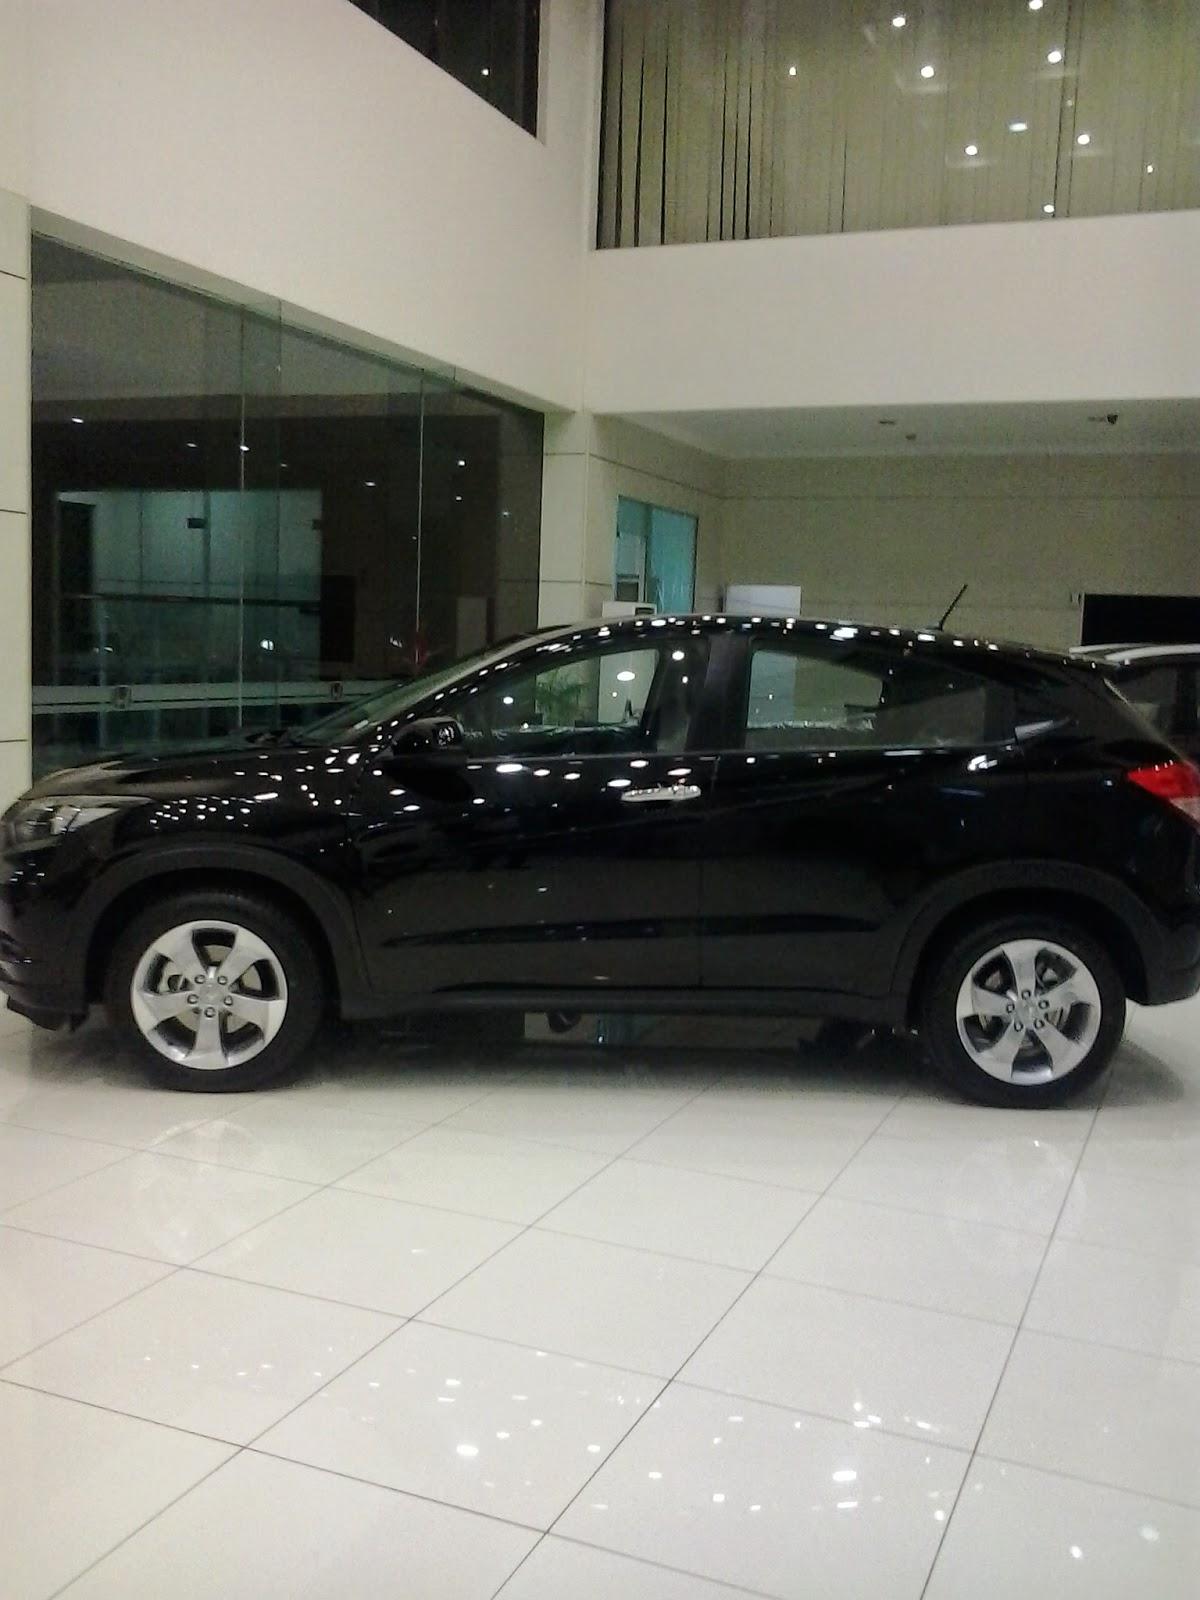 Honda HRV Warna Crystal Black Pearl Terpajang di shwroom mobil honda